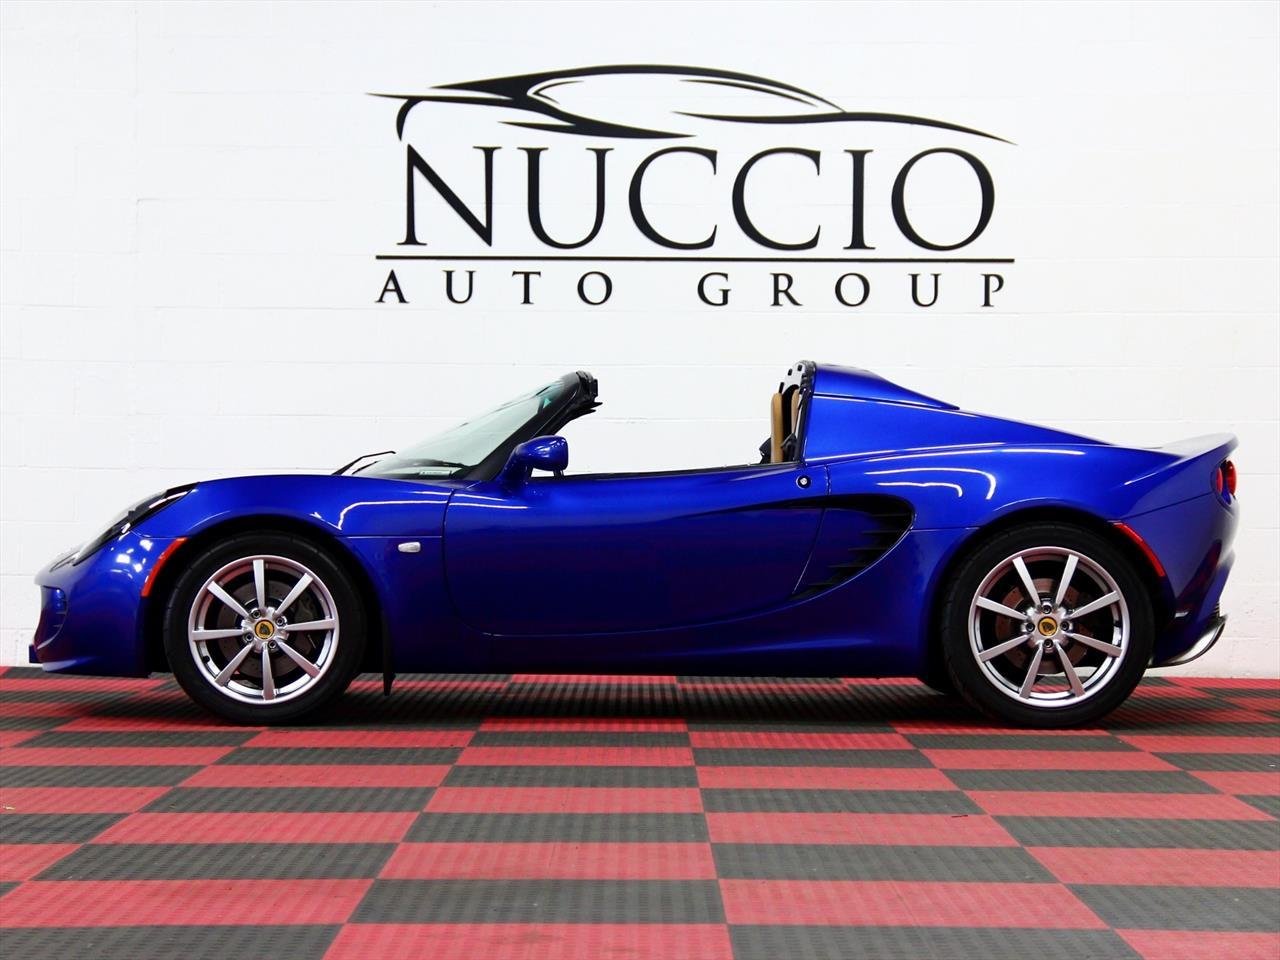 2006 lotus elise rh motorcarsusa com 2006 lotus elise service manual 2006 lotus elise service manual